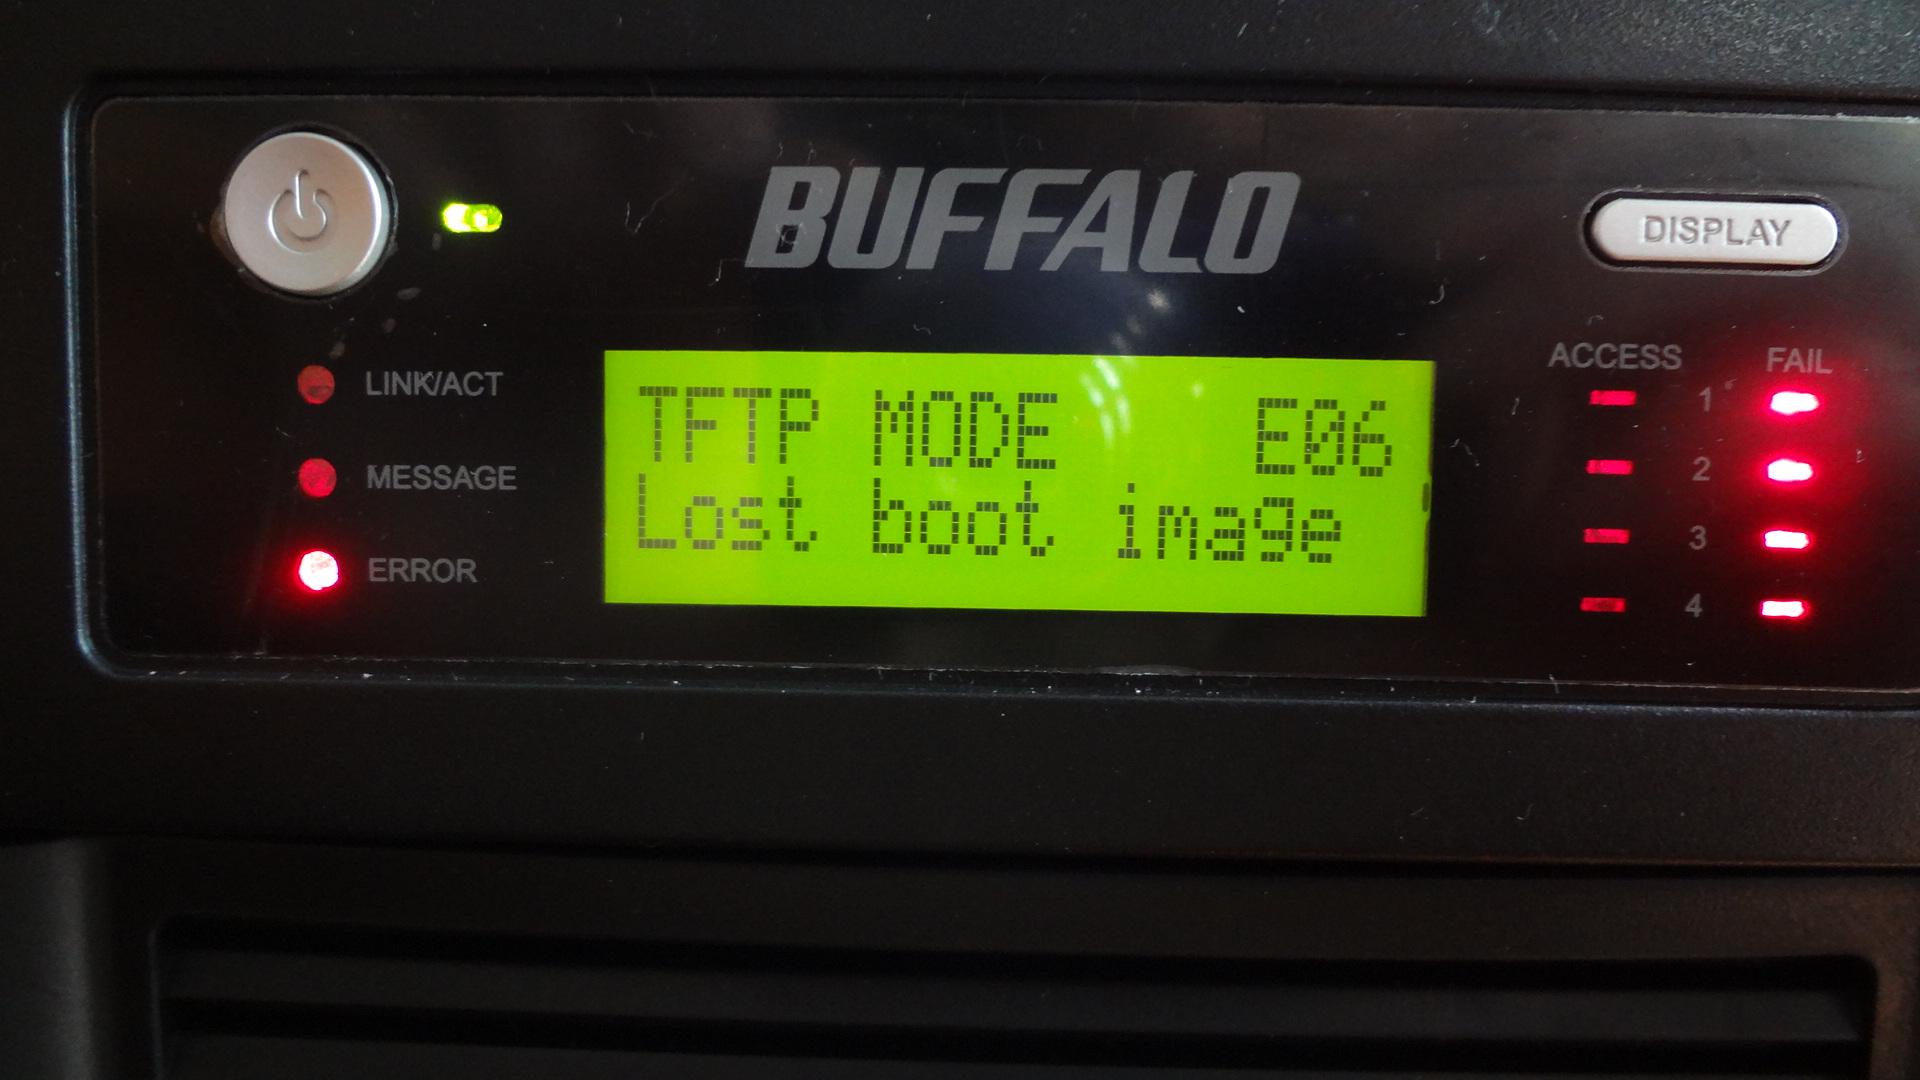 中古のHDDなしバッファロー テラステーション NAS  サーバーを使えるまでの記録。